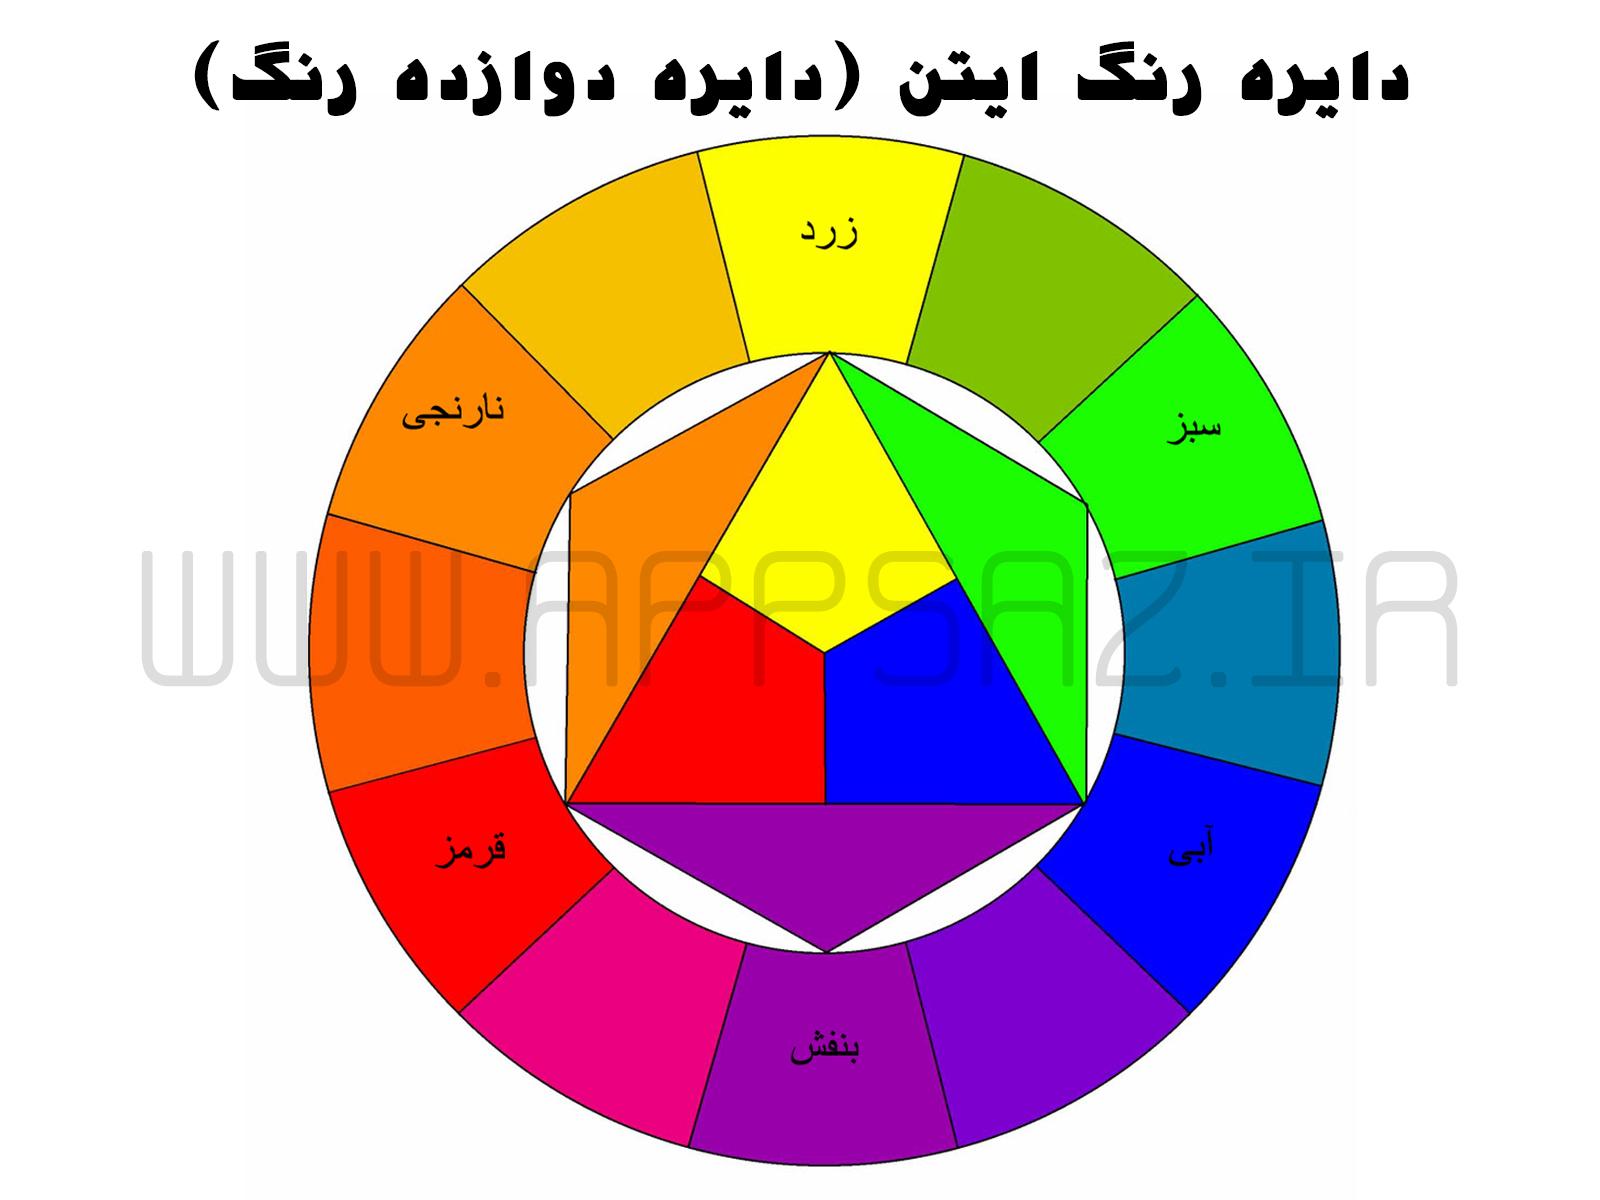 رنگ ها در اپلیکیشن های موبایل -دایره رنگ ایتن